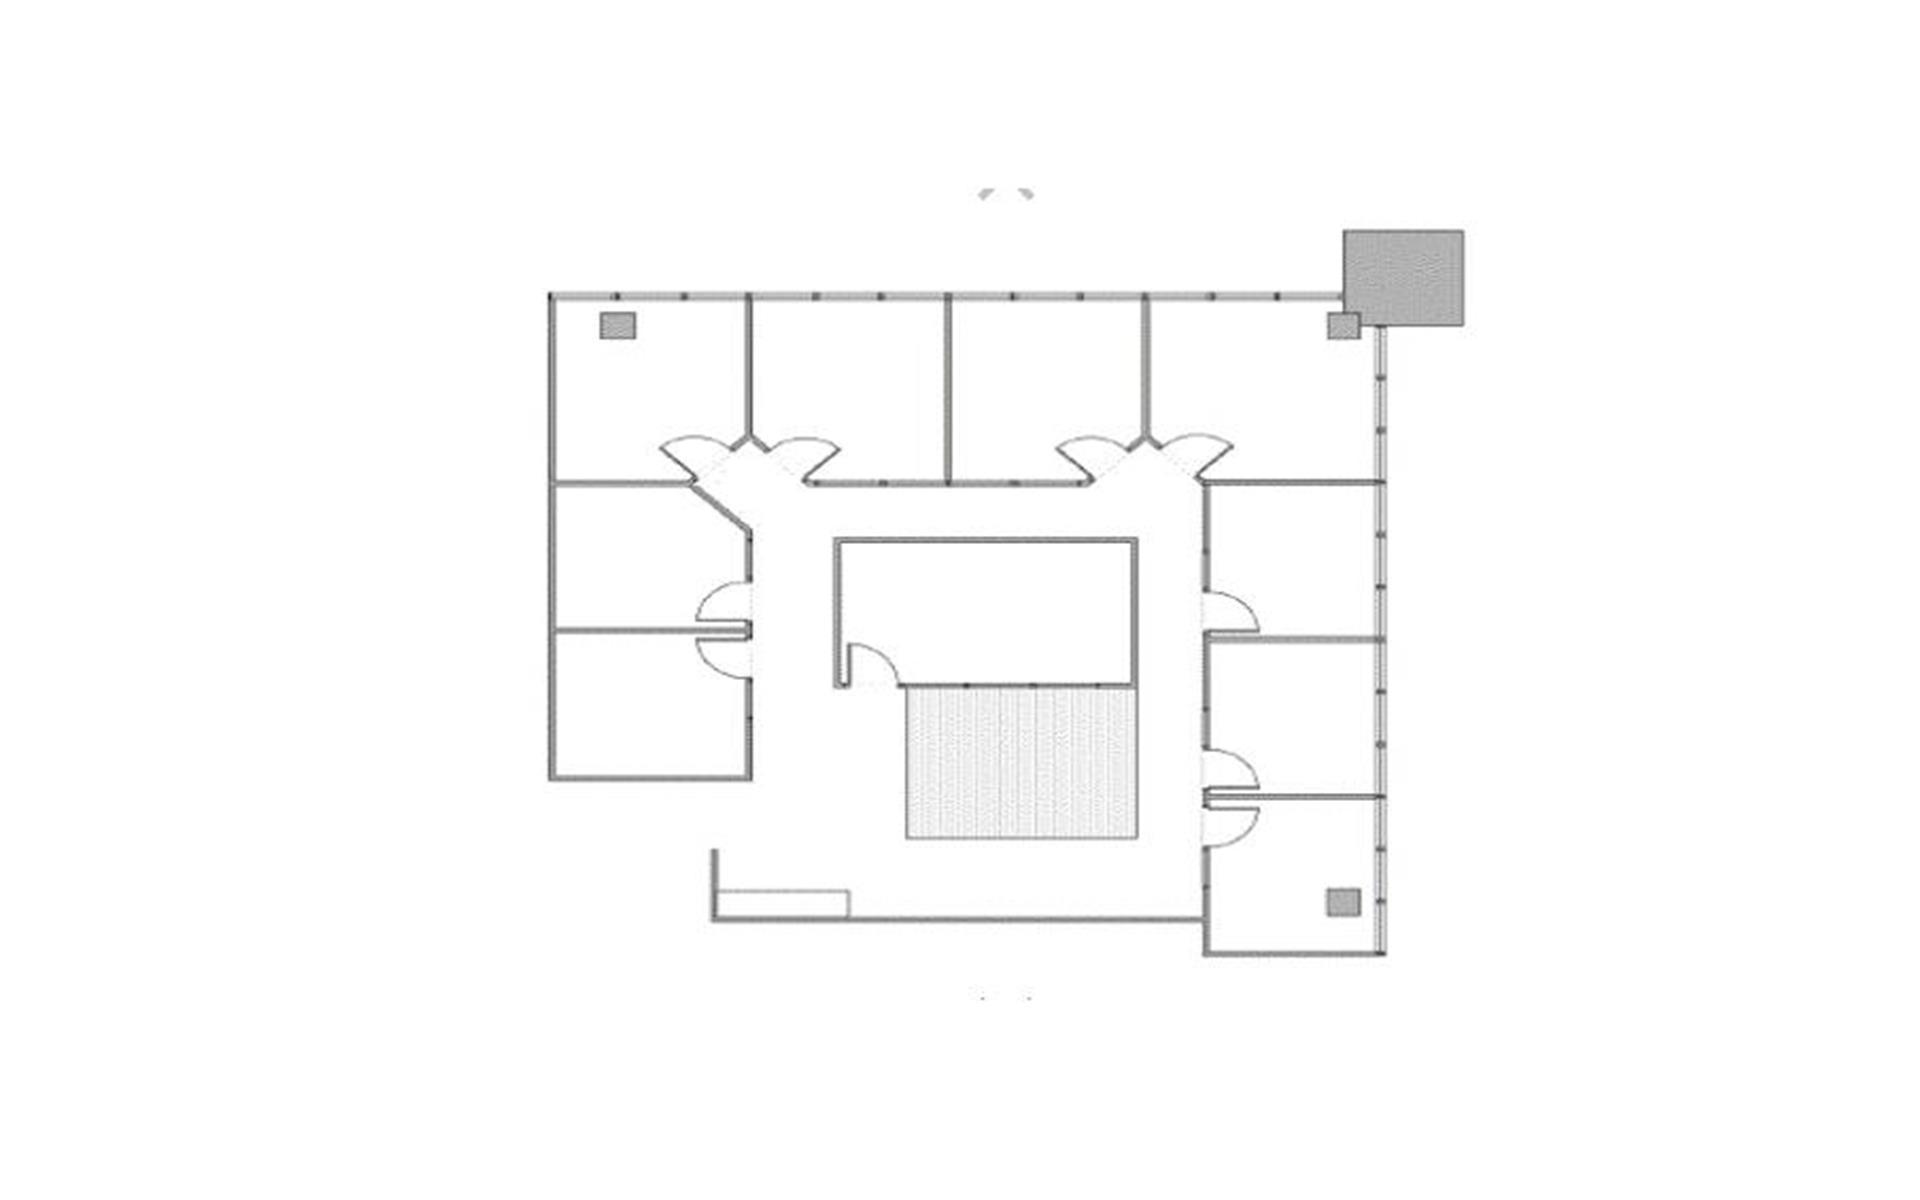 Boxer - 9894 Bissonnet - Team Office | Suite 241.01